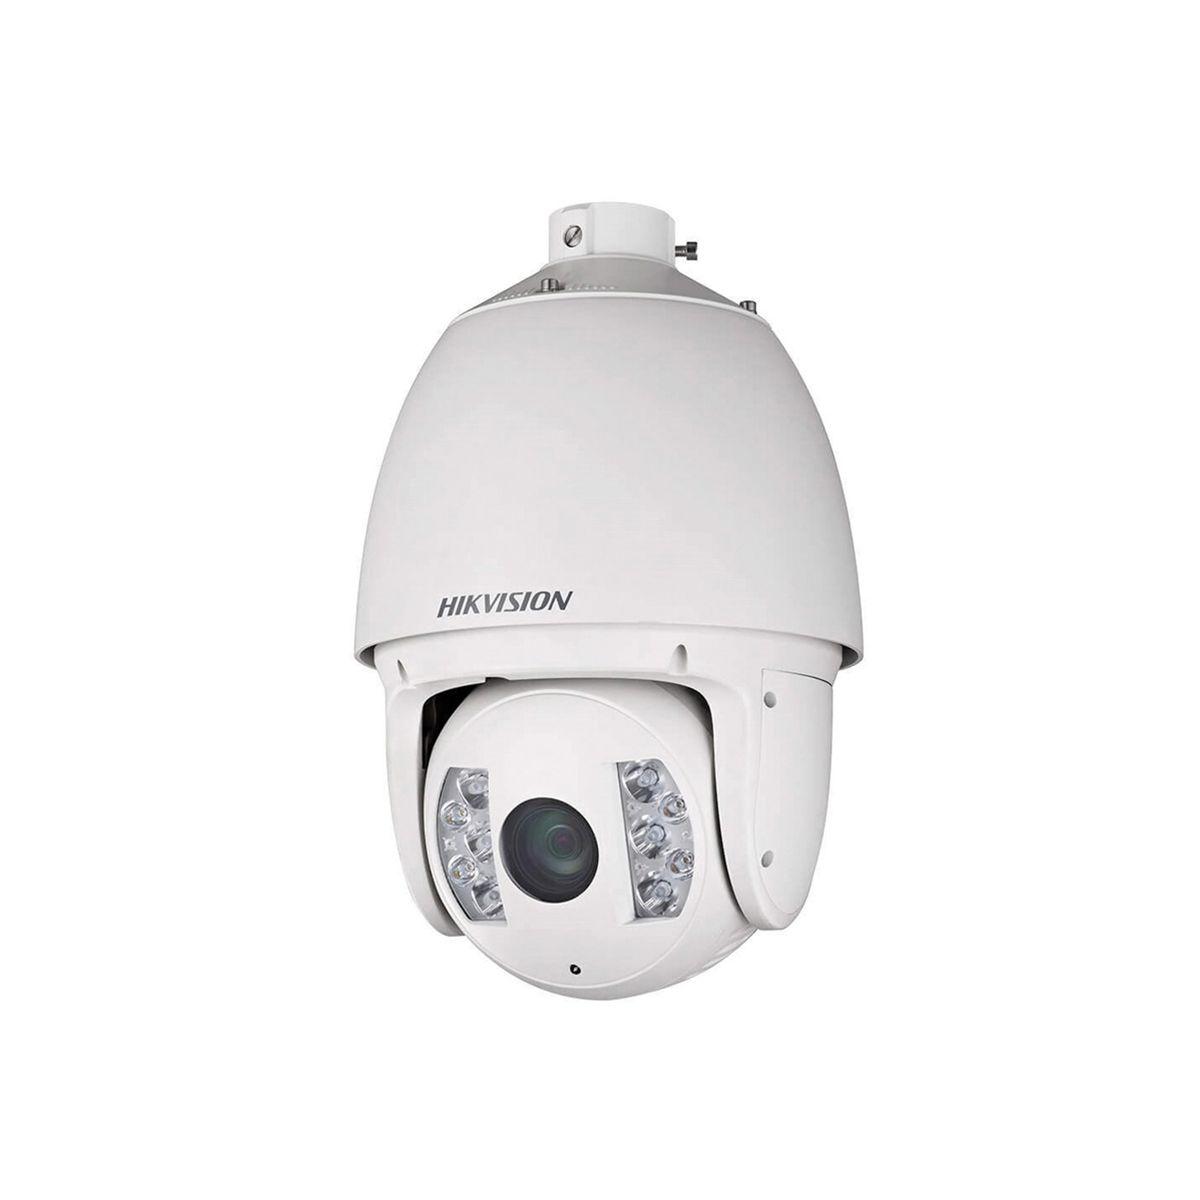 Cámara Hikvision IP PTZ DS-2DE7430IW-AE